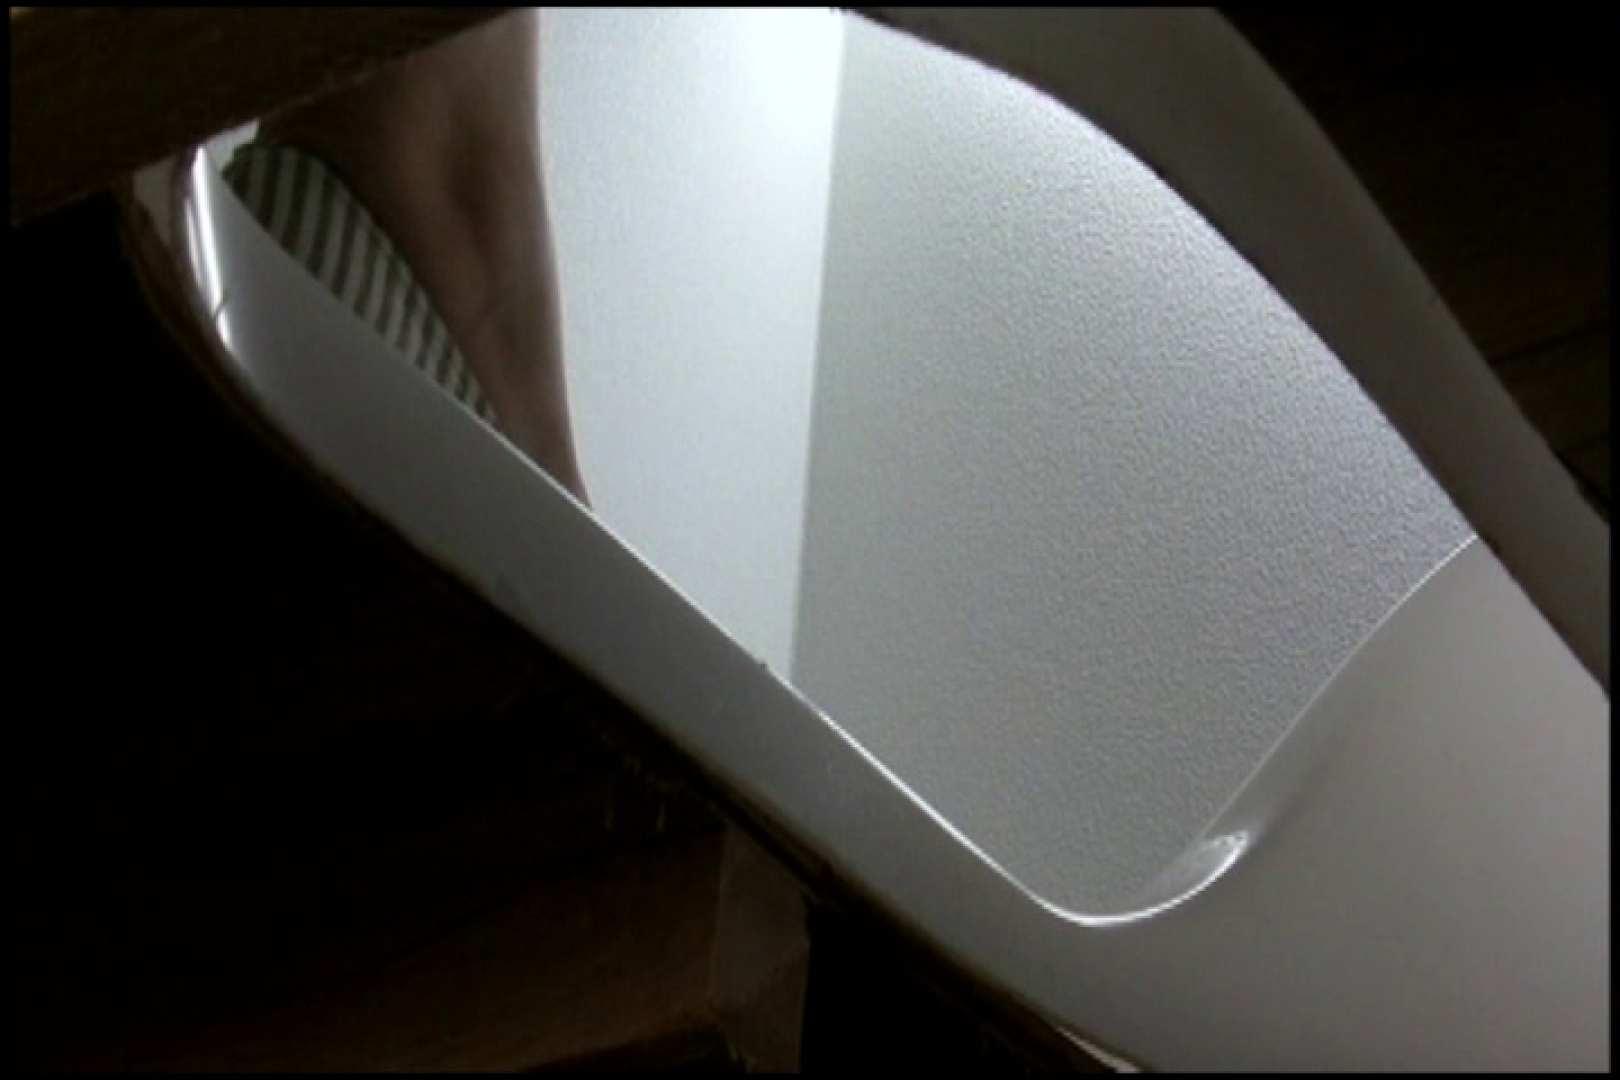 和式にまたがる女たちを待ちうけるカメラの衝撃映像vol.02 黄金水マニア のぞき動画画像 10pic 10